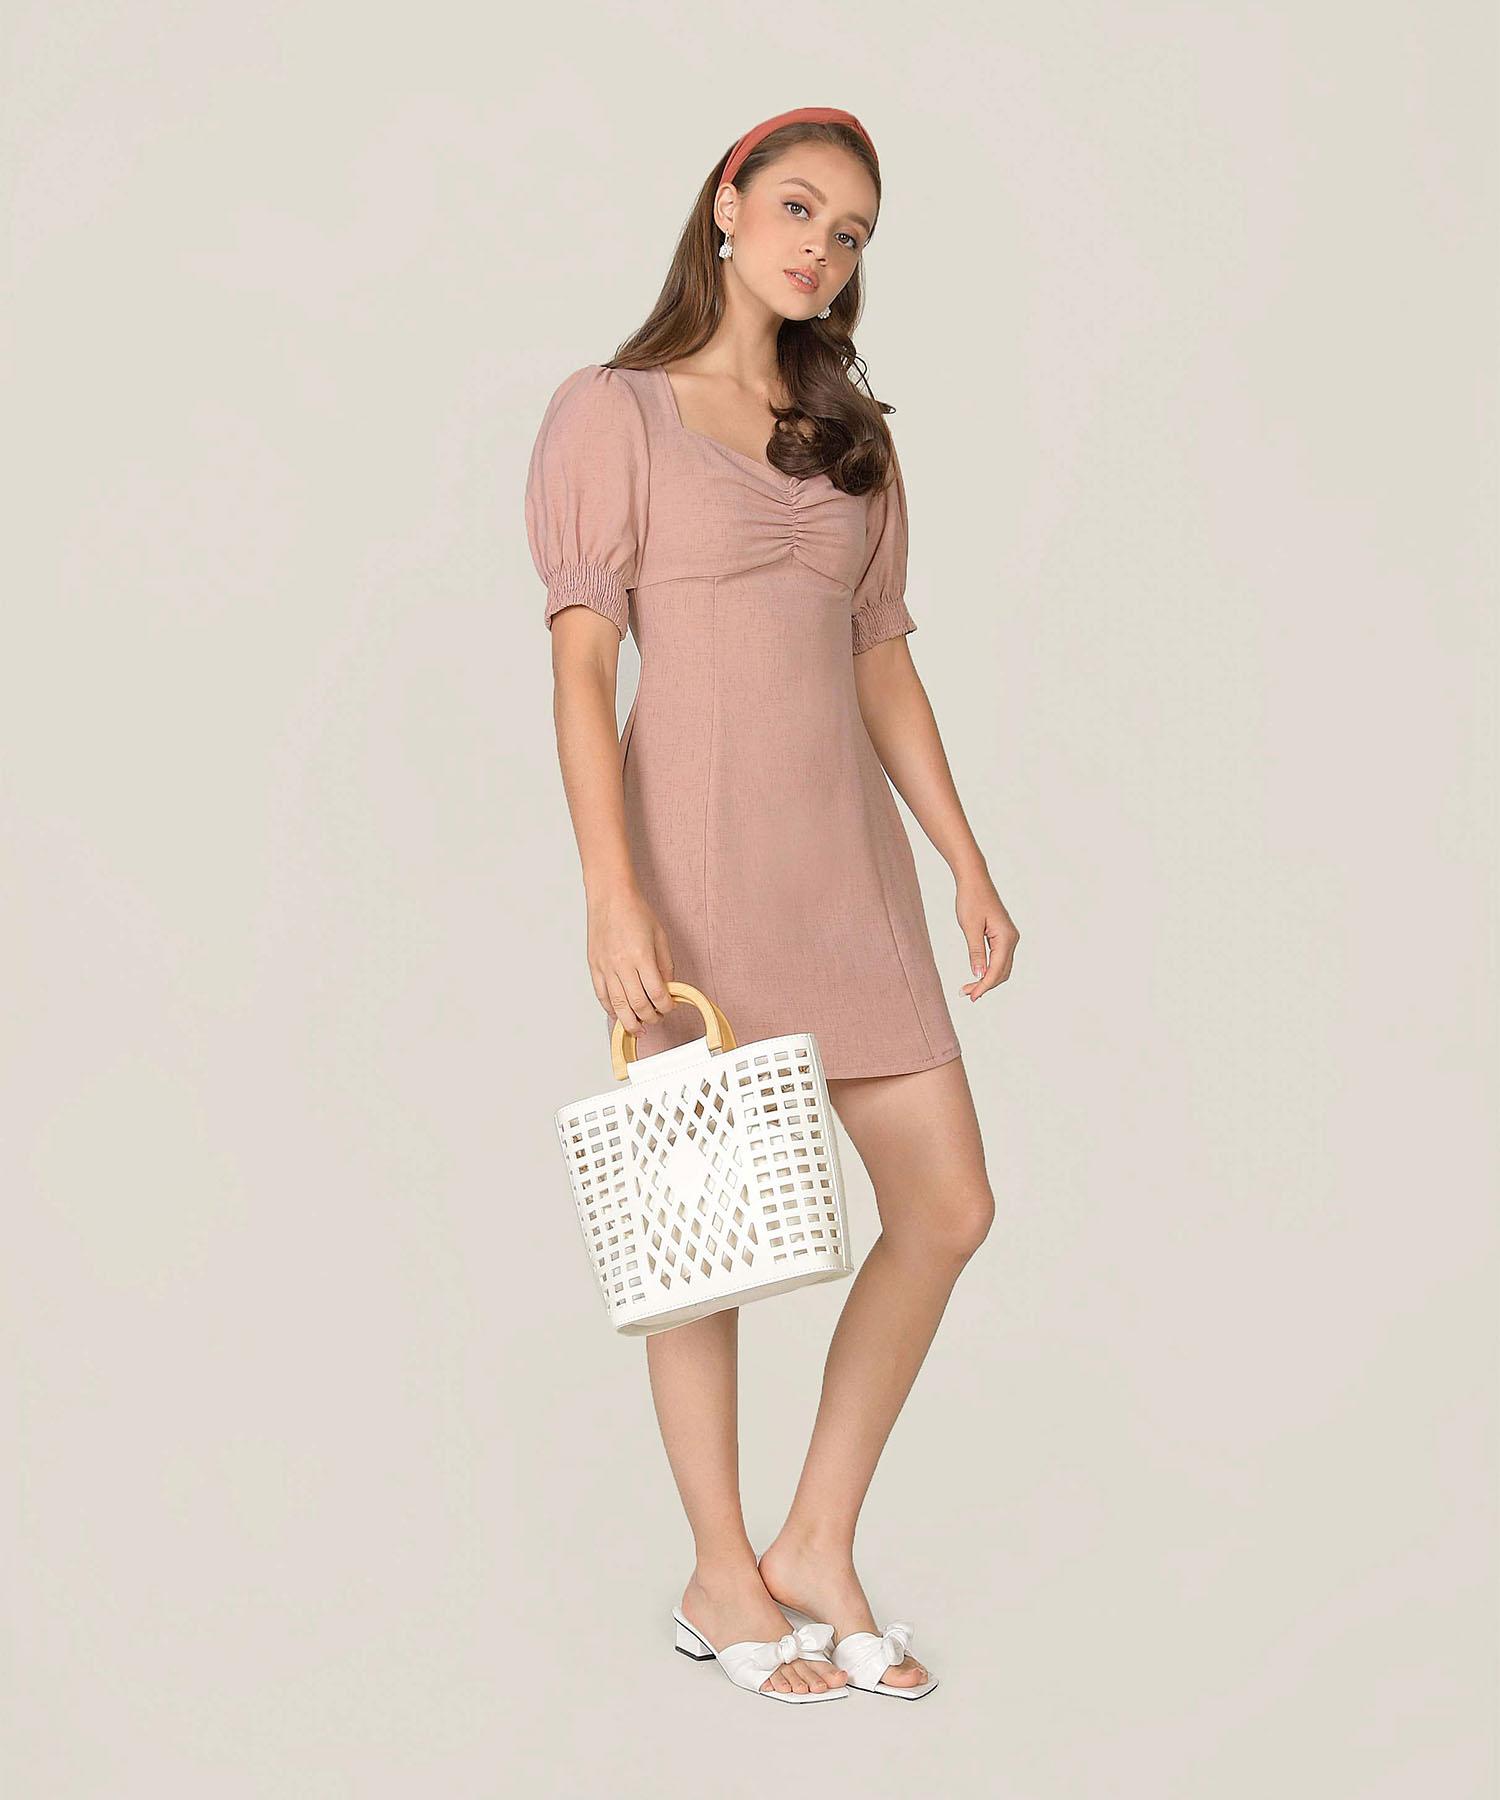 michele-ruched-dress-blush-pink-1